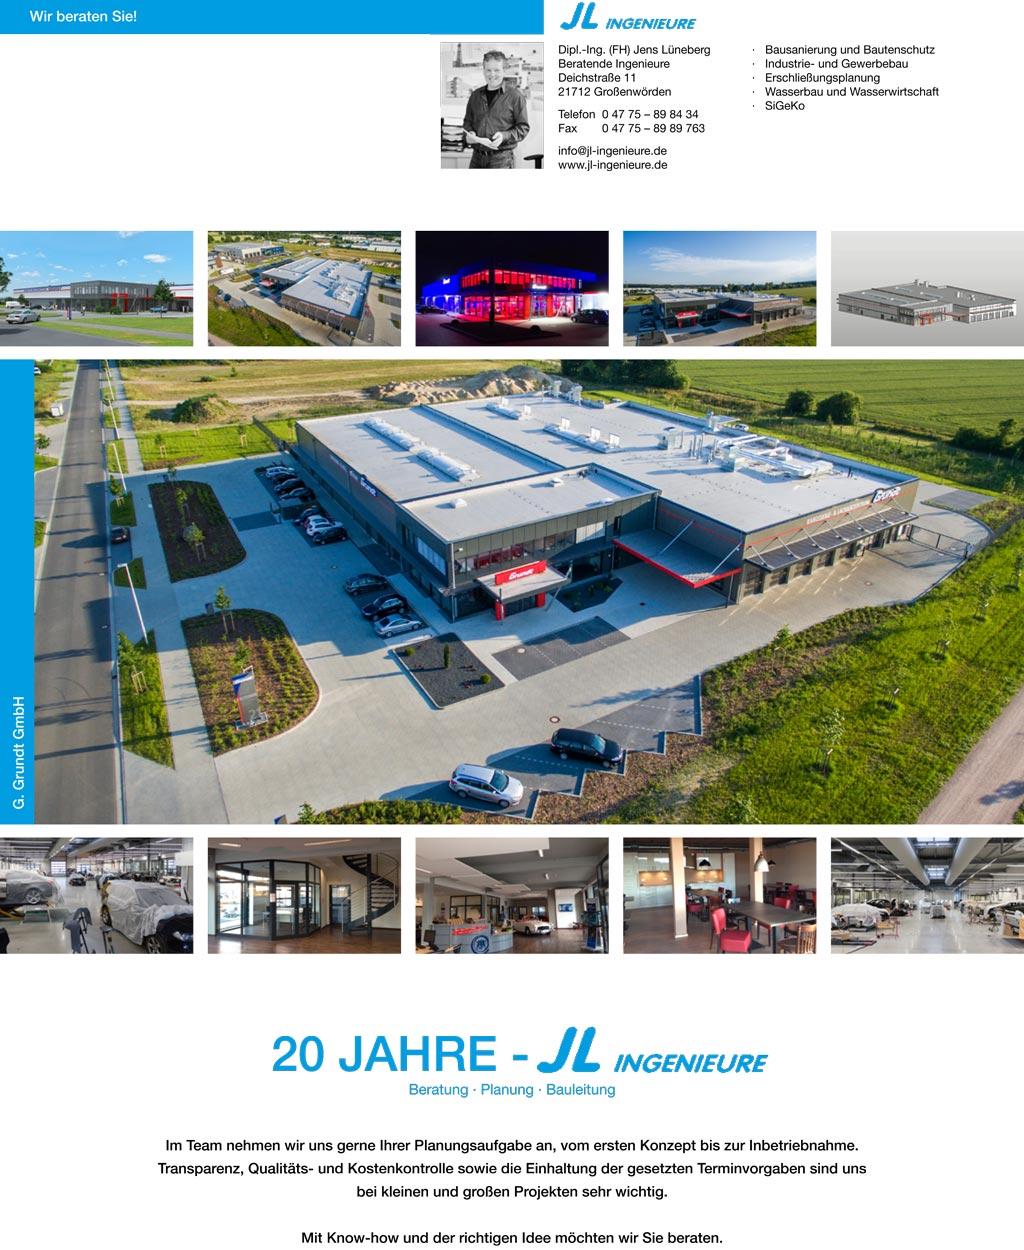 20-jahr-jl-flyer-1